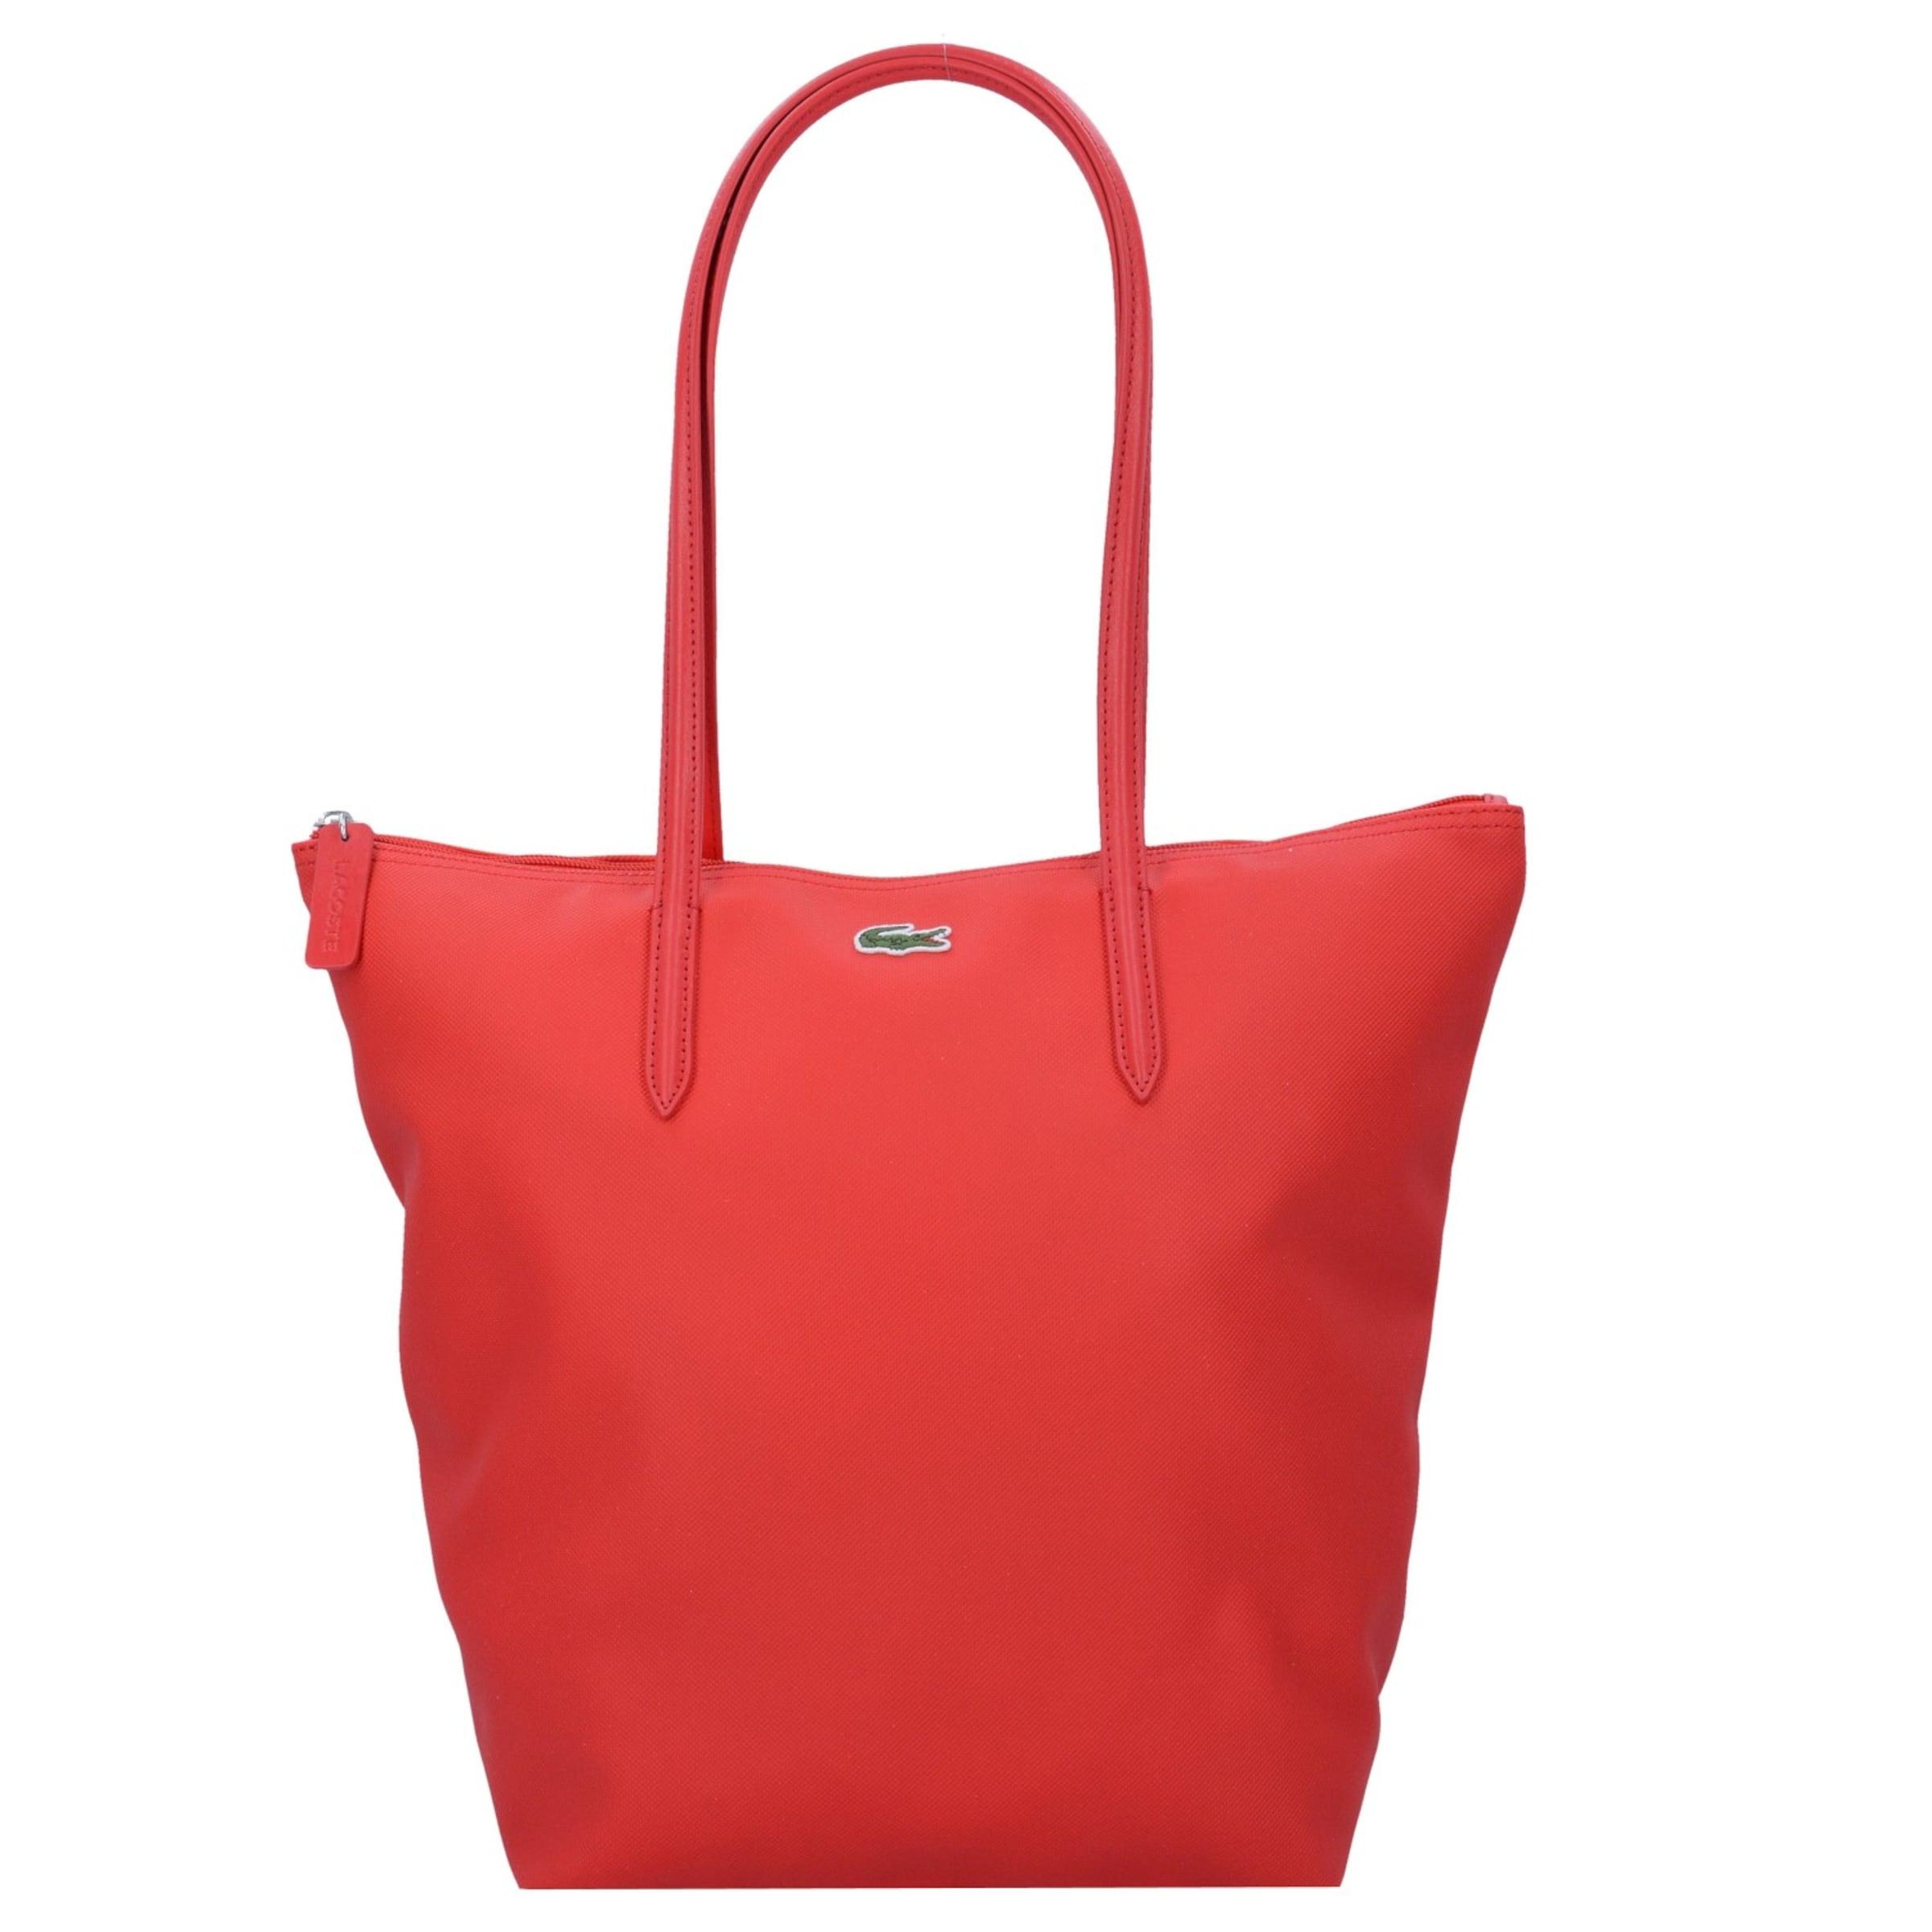 Shopper 'sac 39 Cm Lacoste Melone L1212 Vertical Concept' Femme In Nm0n8w